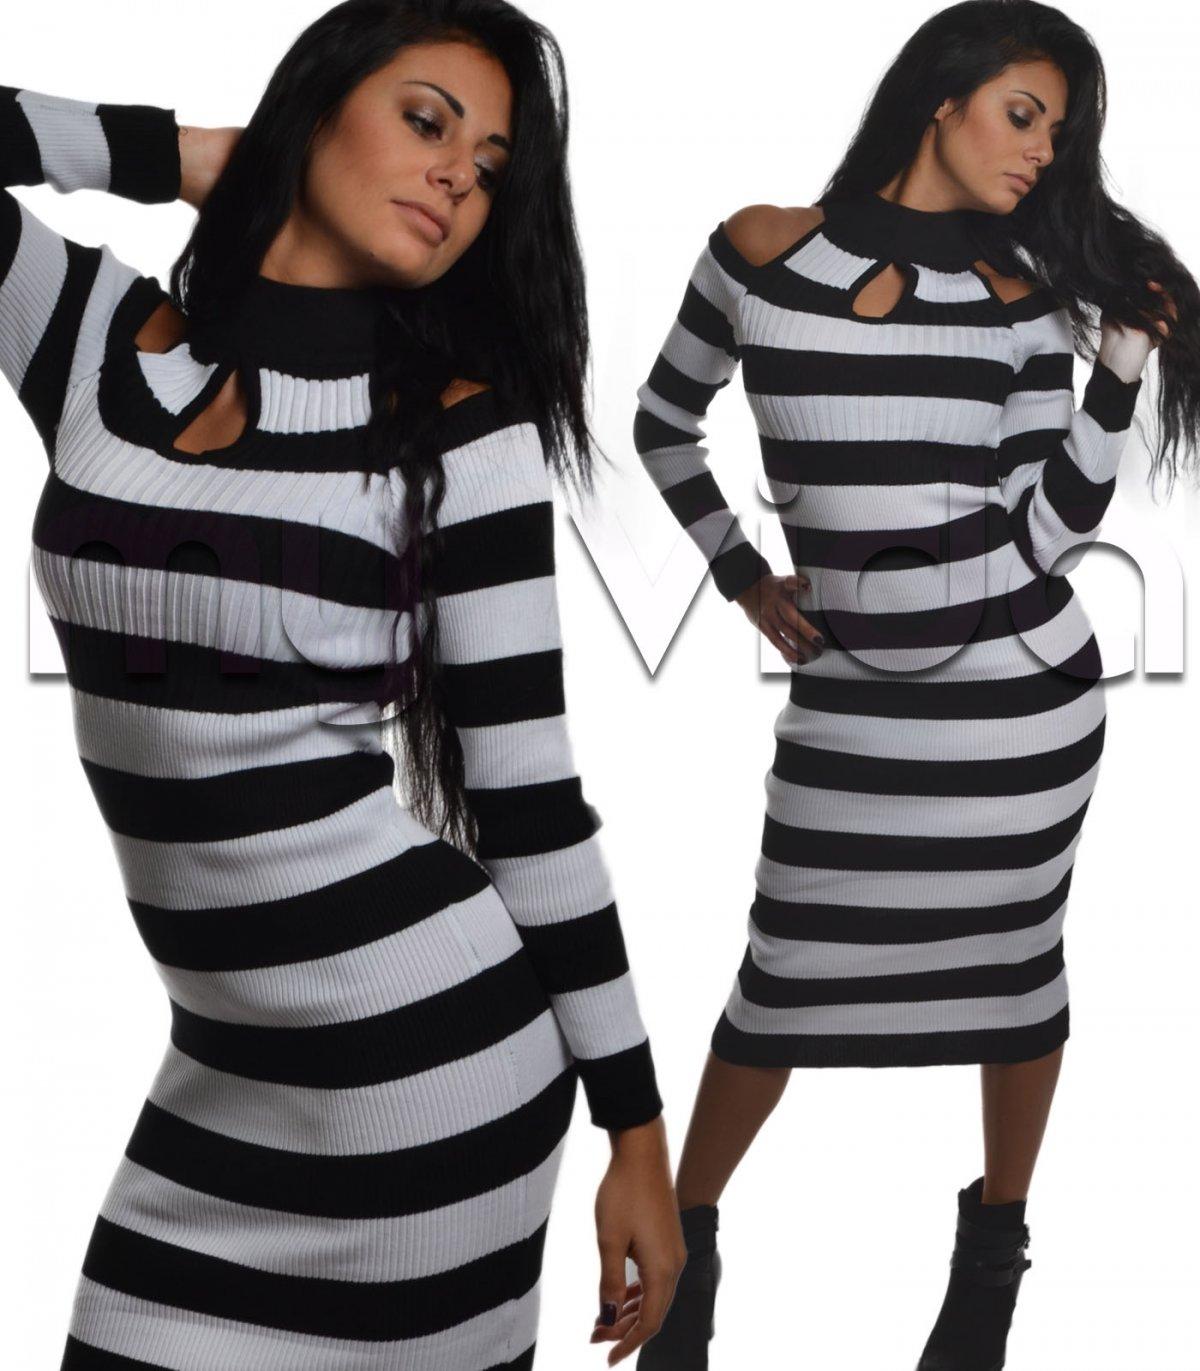 huge discount 416d0 c400b Vestito invernale spalla nuda scollo lupetto | My Vida